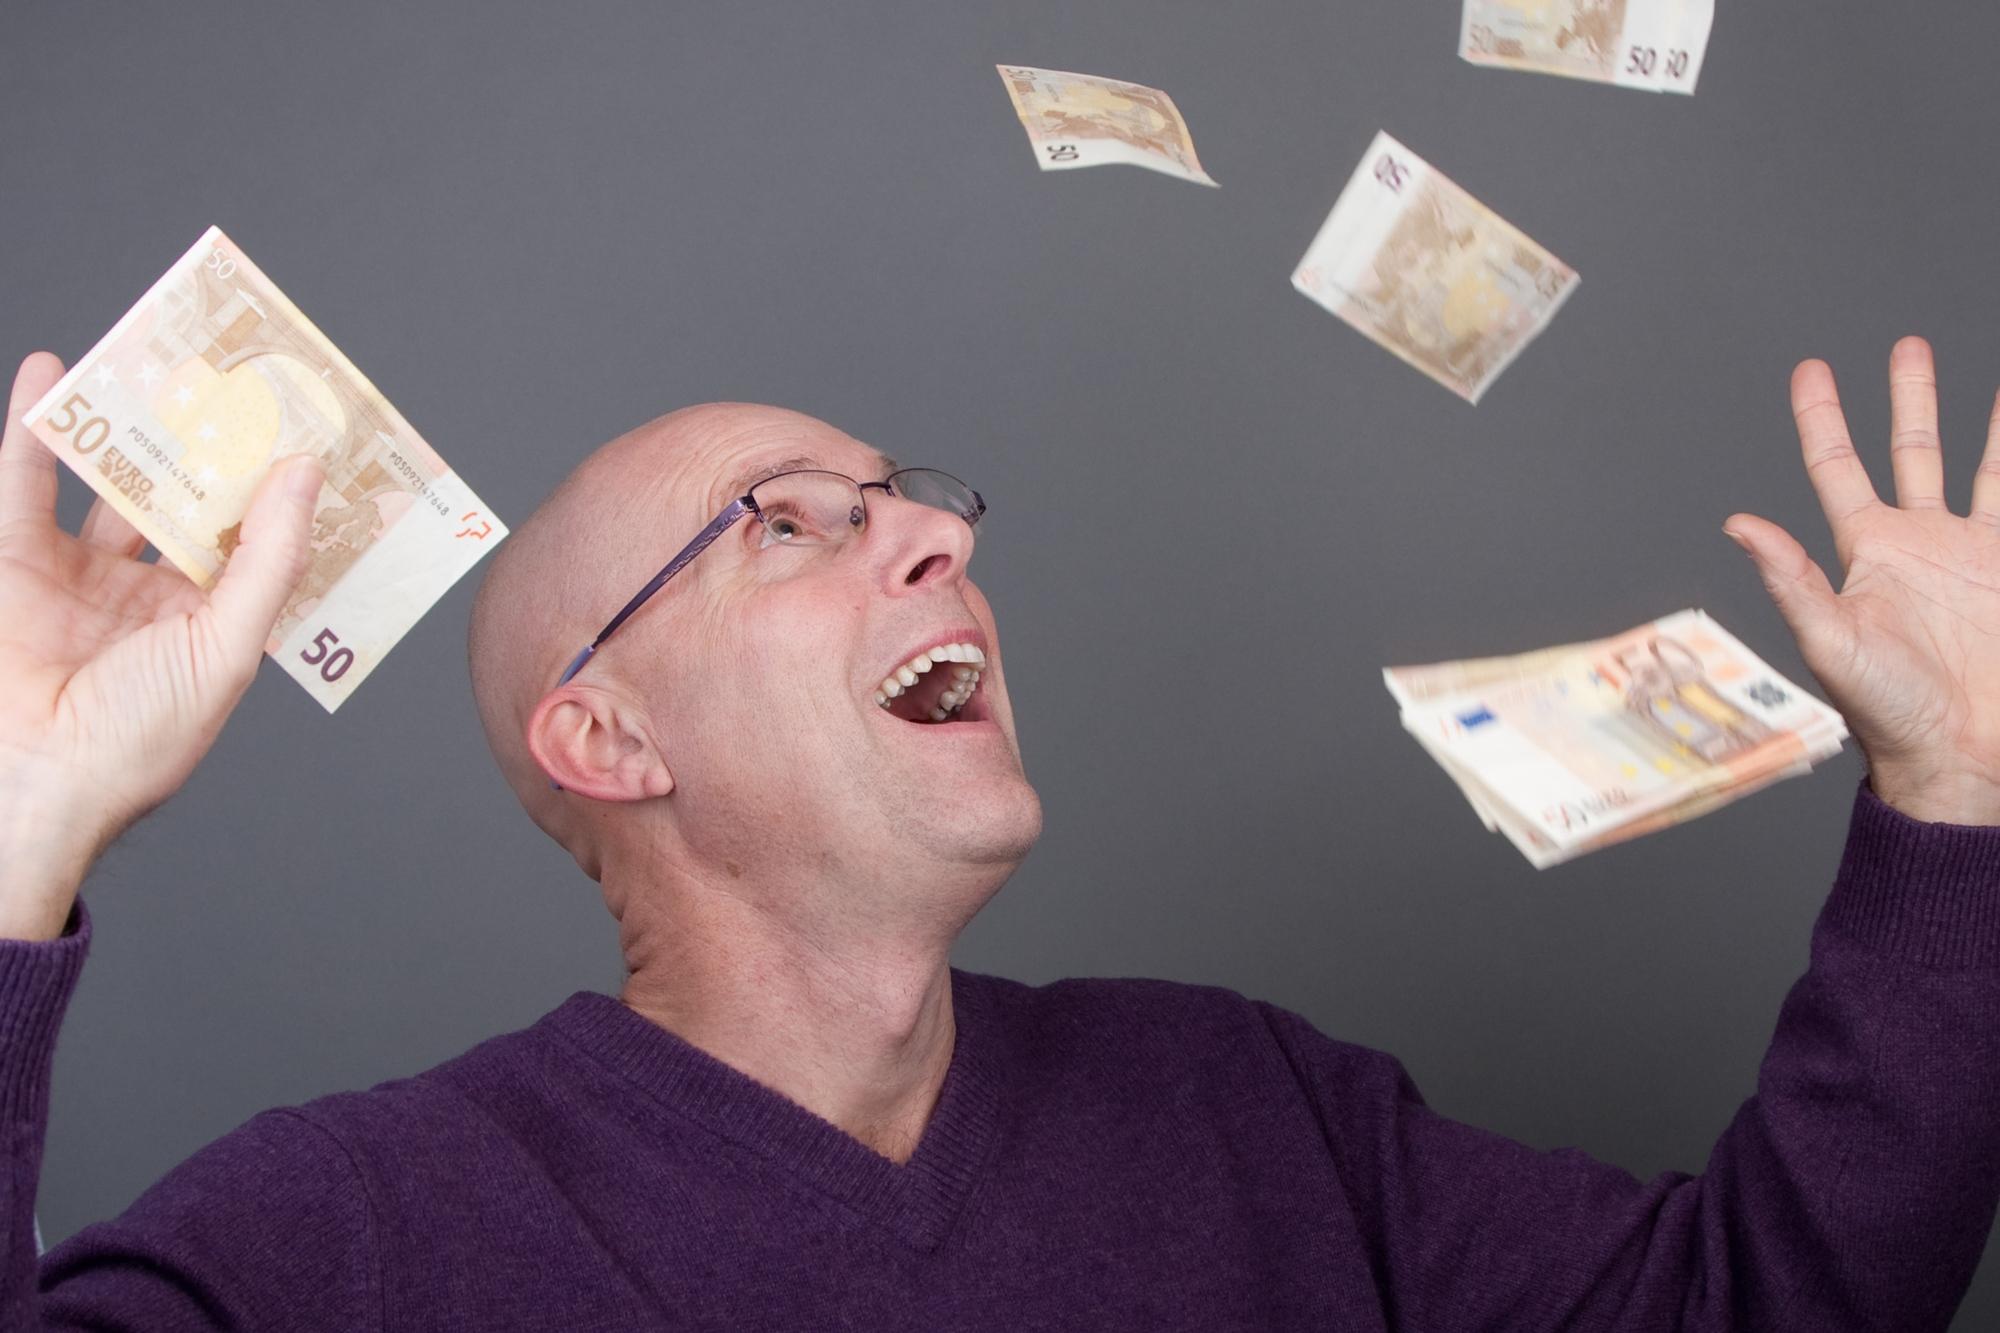 geld, uitlenen